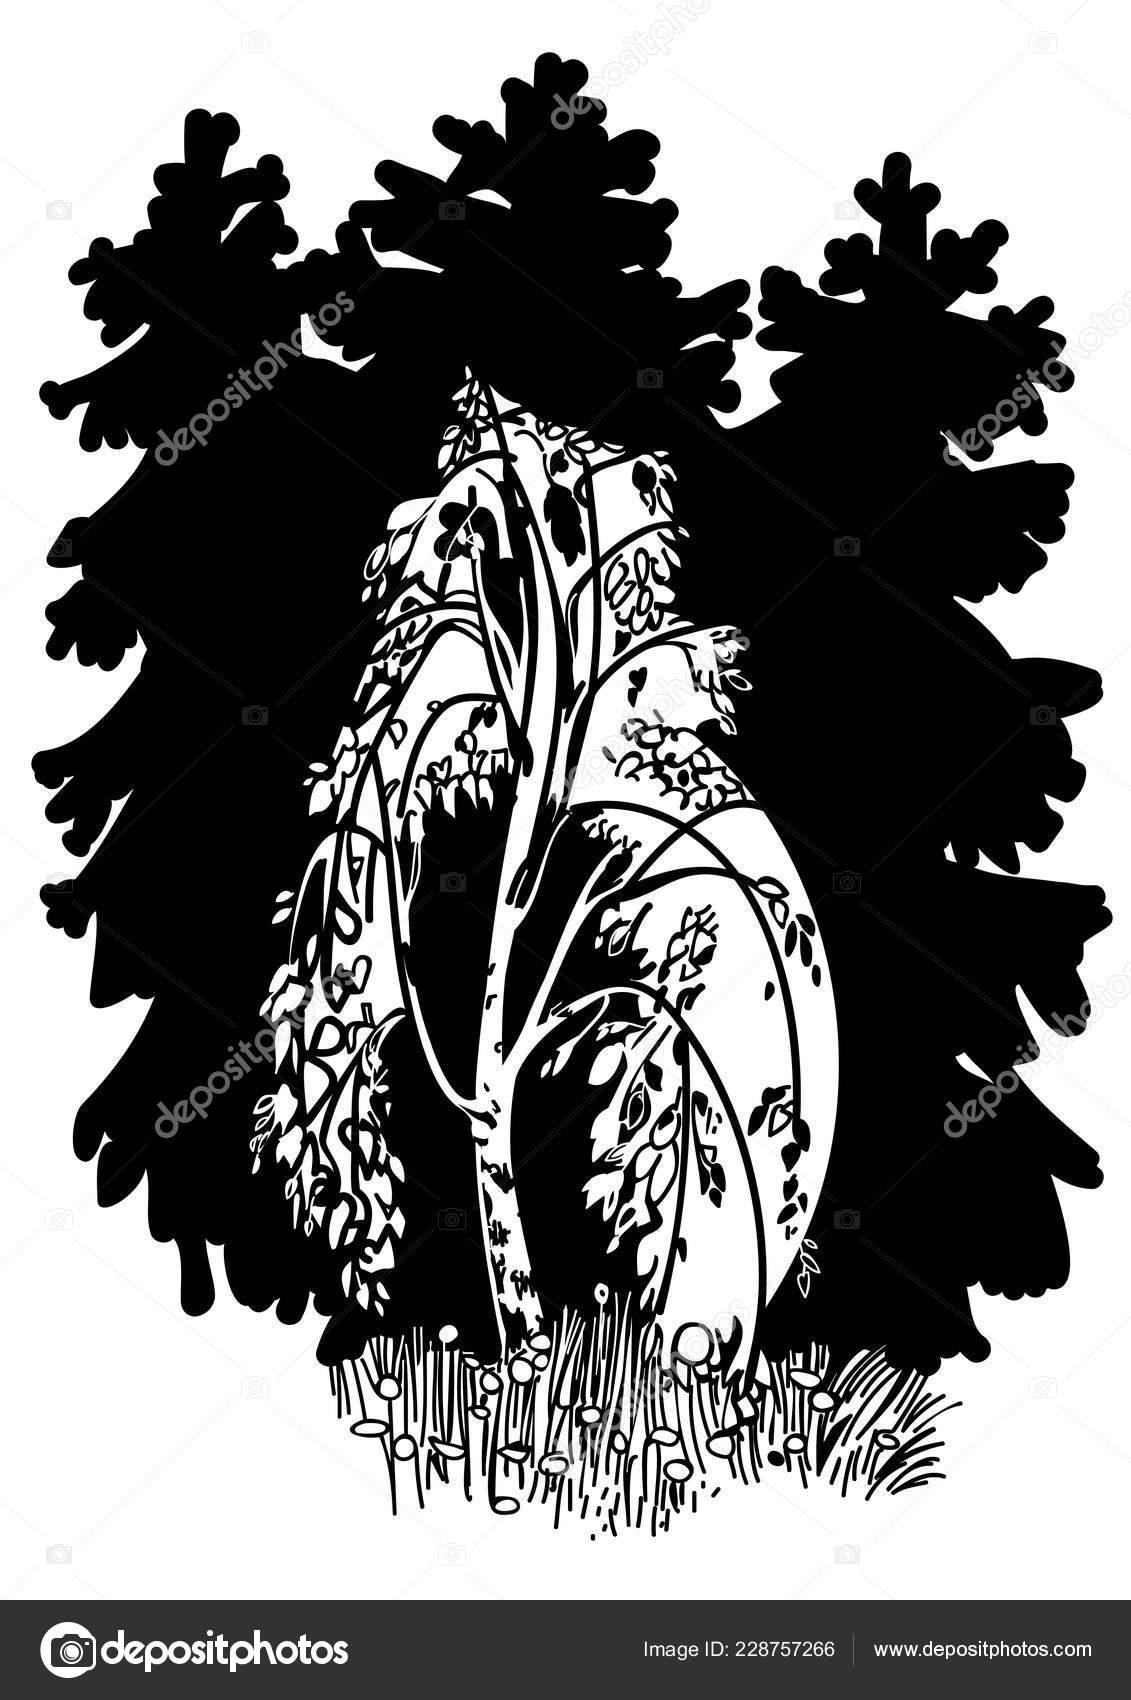 Kresba Brizy Pozadi Vanocnich Stromku Stock Vektor